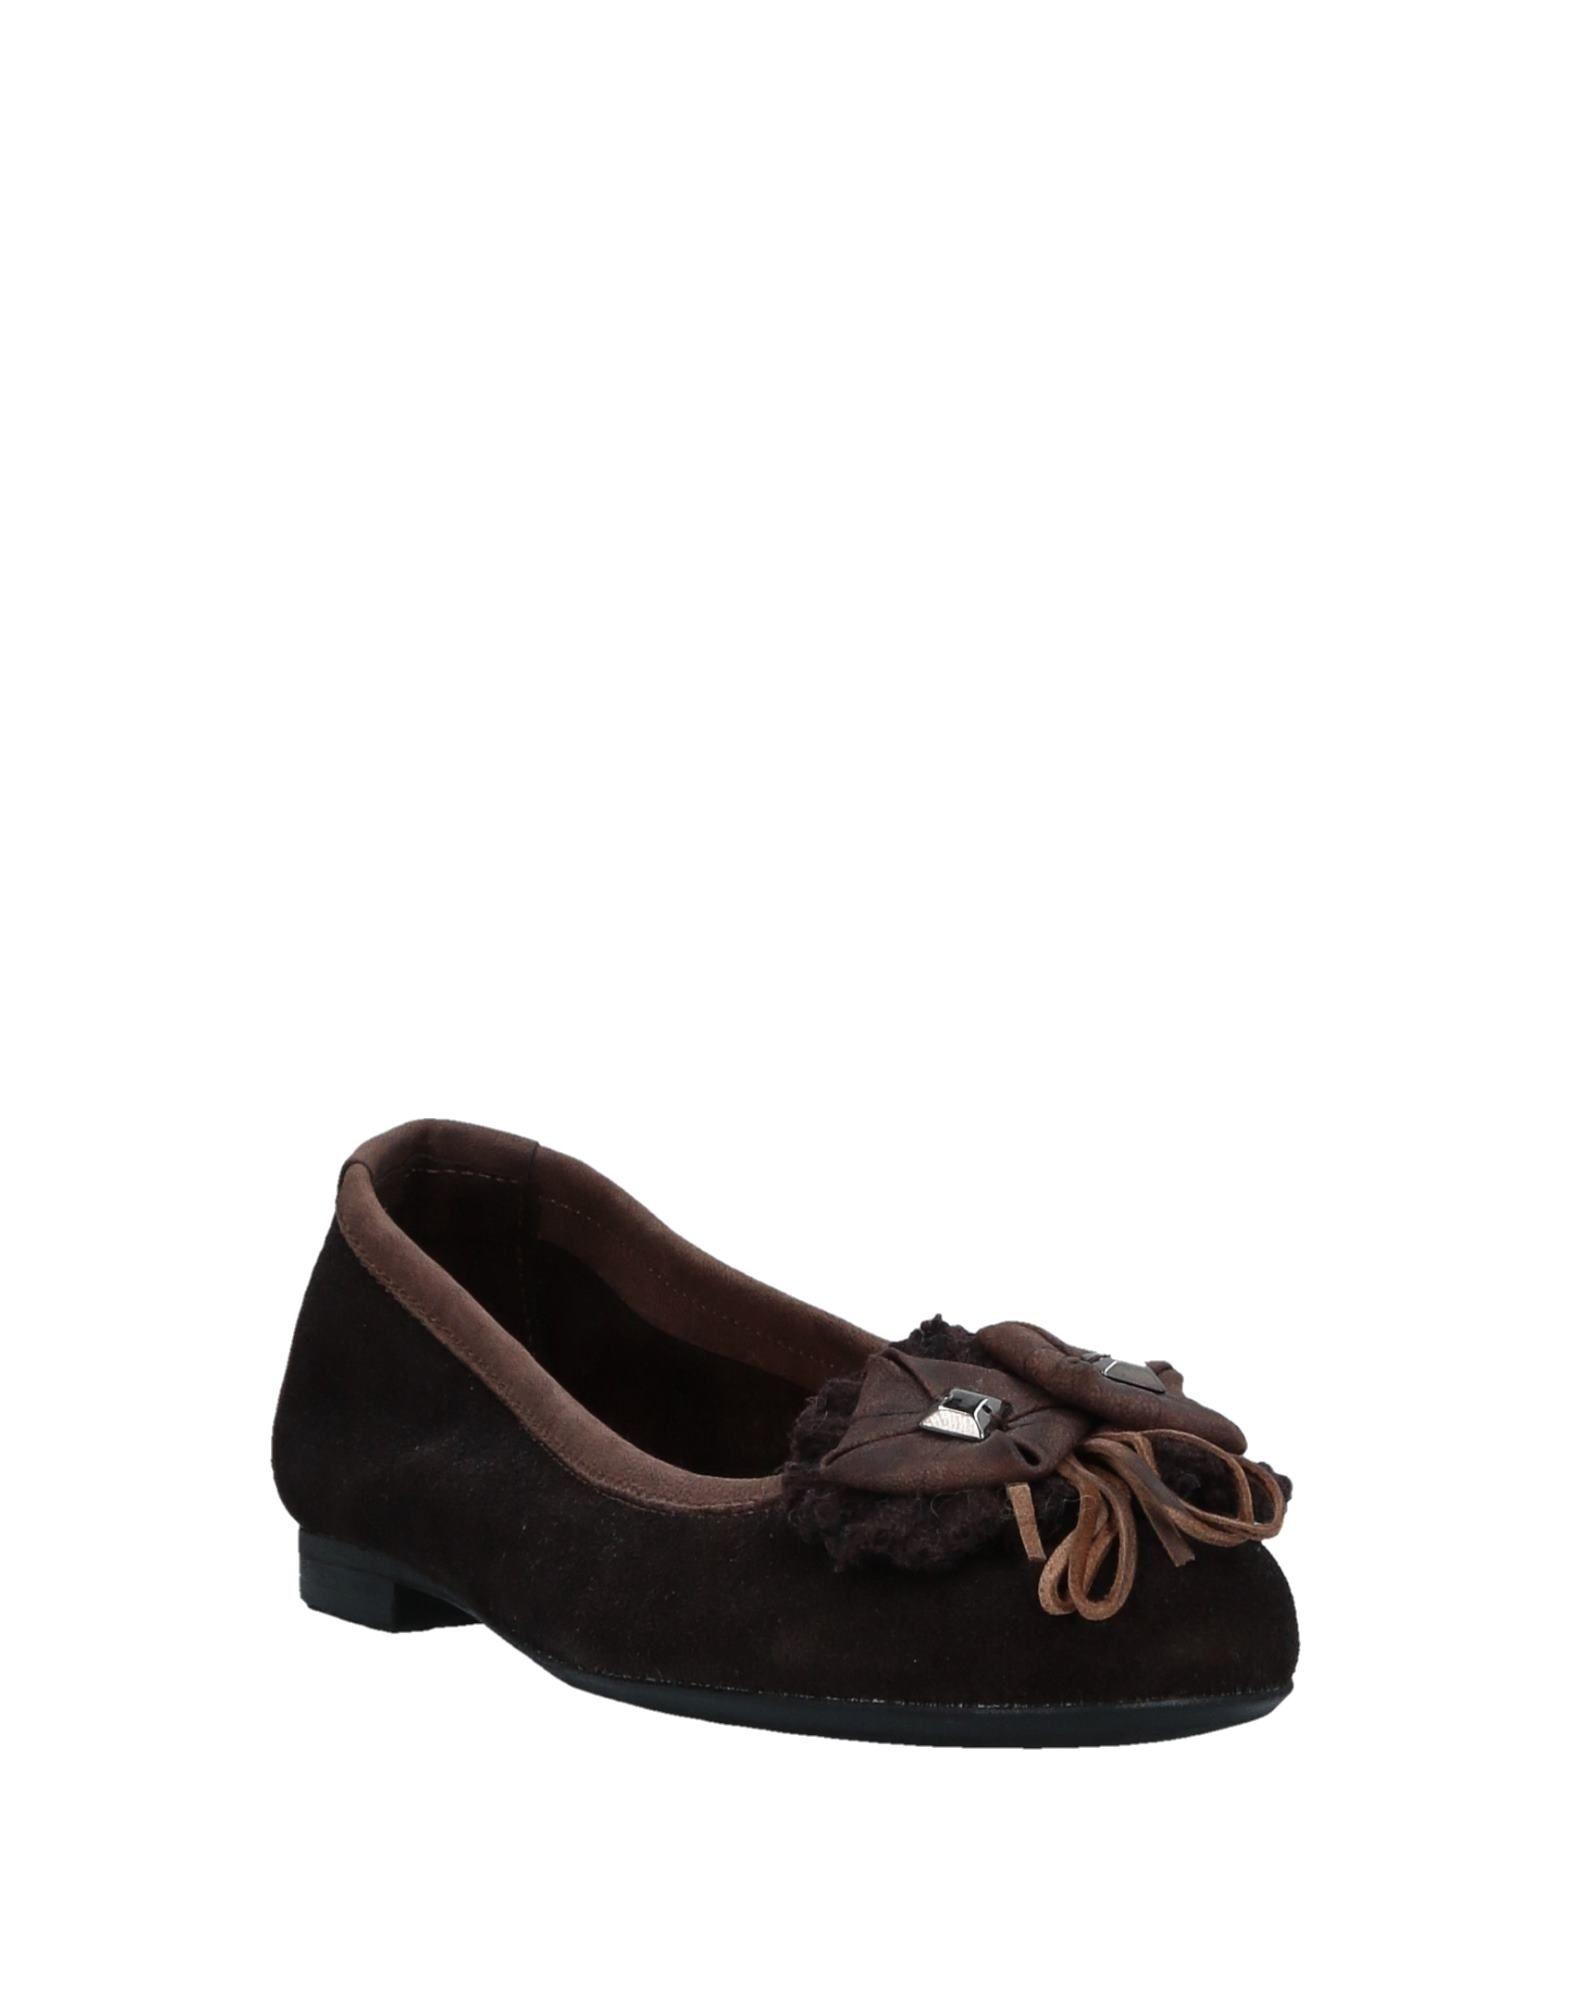 Clocharme Ballerinas Damen  11527792PK Schuhe Gute Qualität beliebte Schuhe 11527792PK fa3dbc